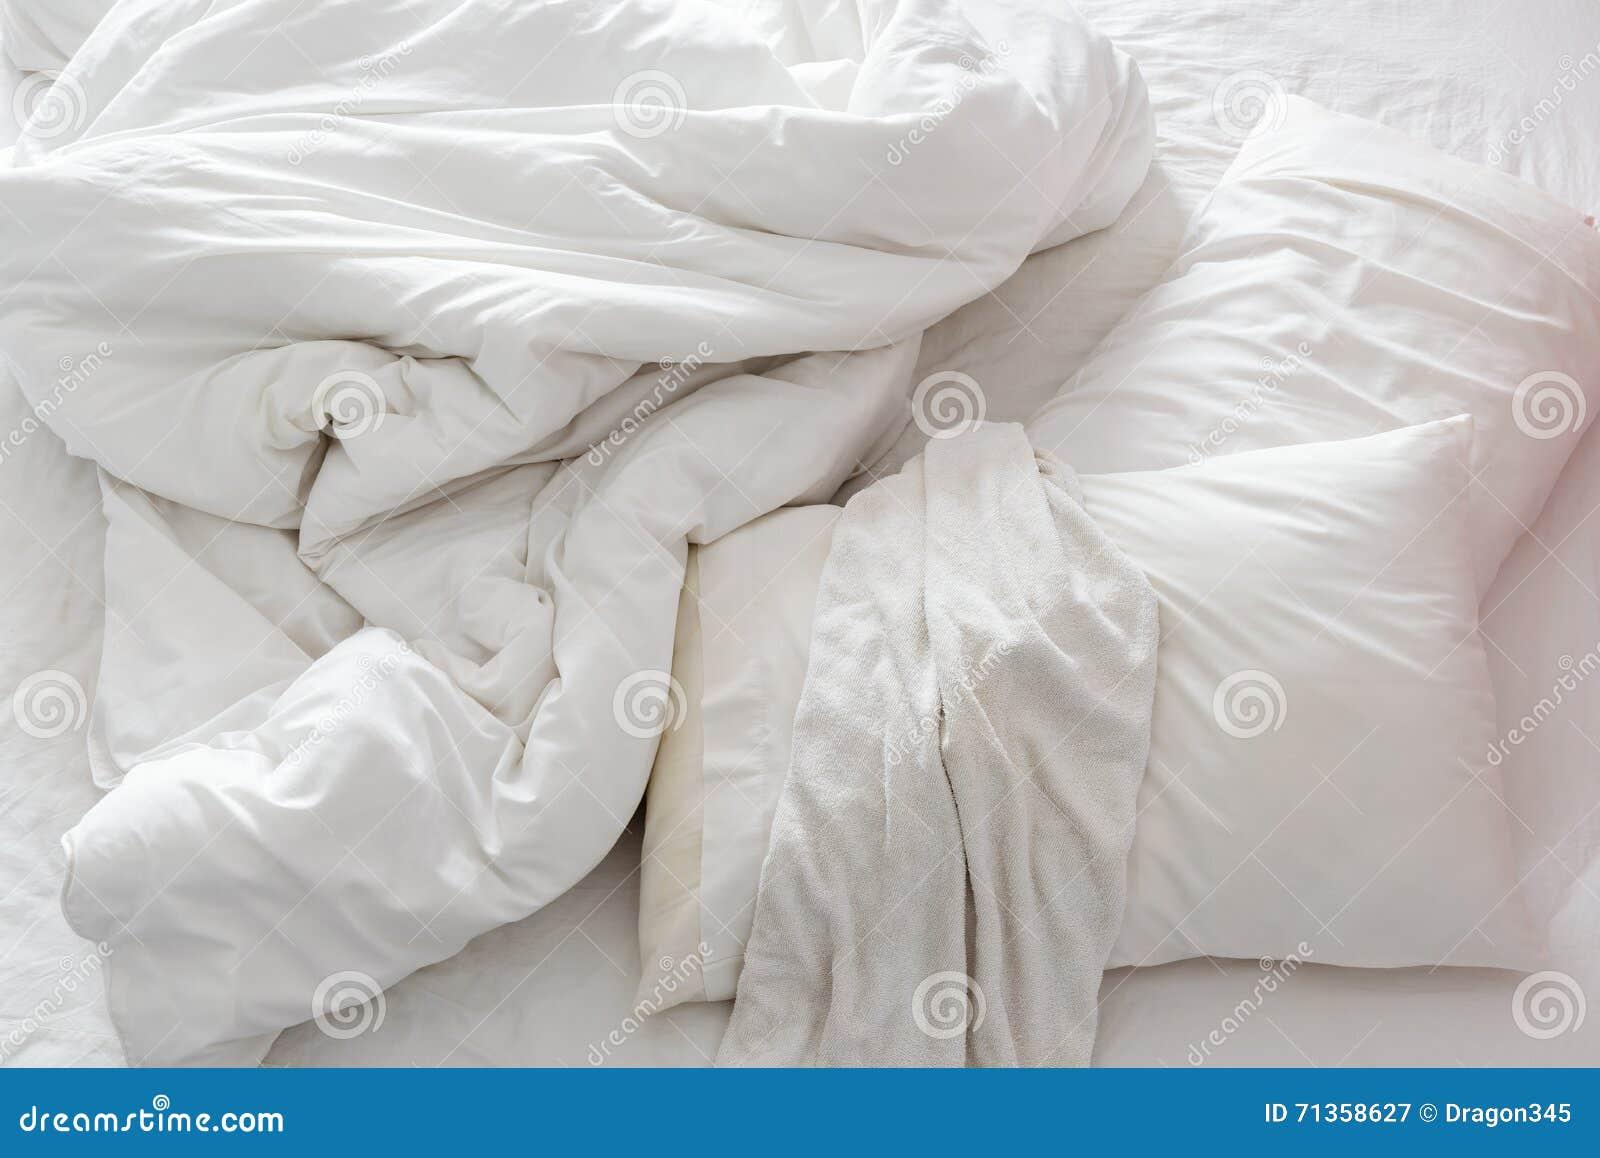 vue sup rieure d 39 un lit qui n 39 est pas encore fait dans une chambre coucher avec le drap. Black Bedroom Furniture Sets. Home Design Ideas